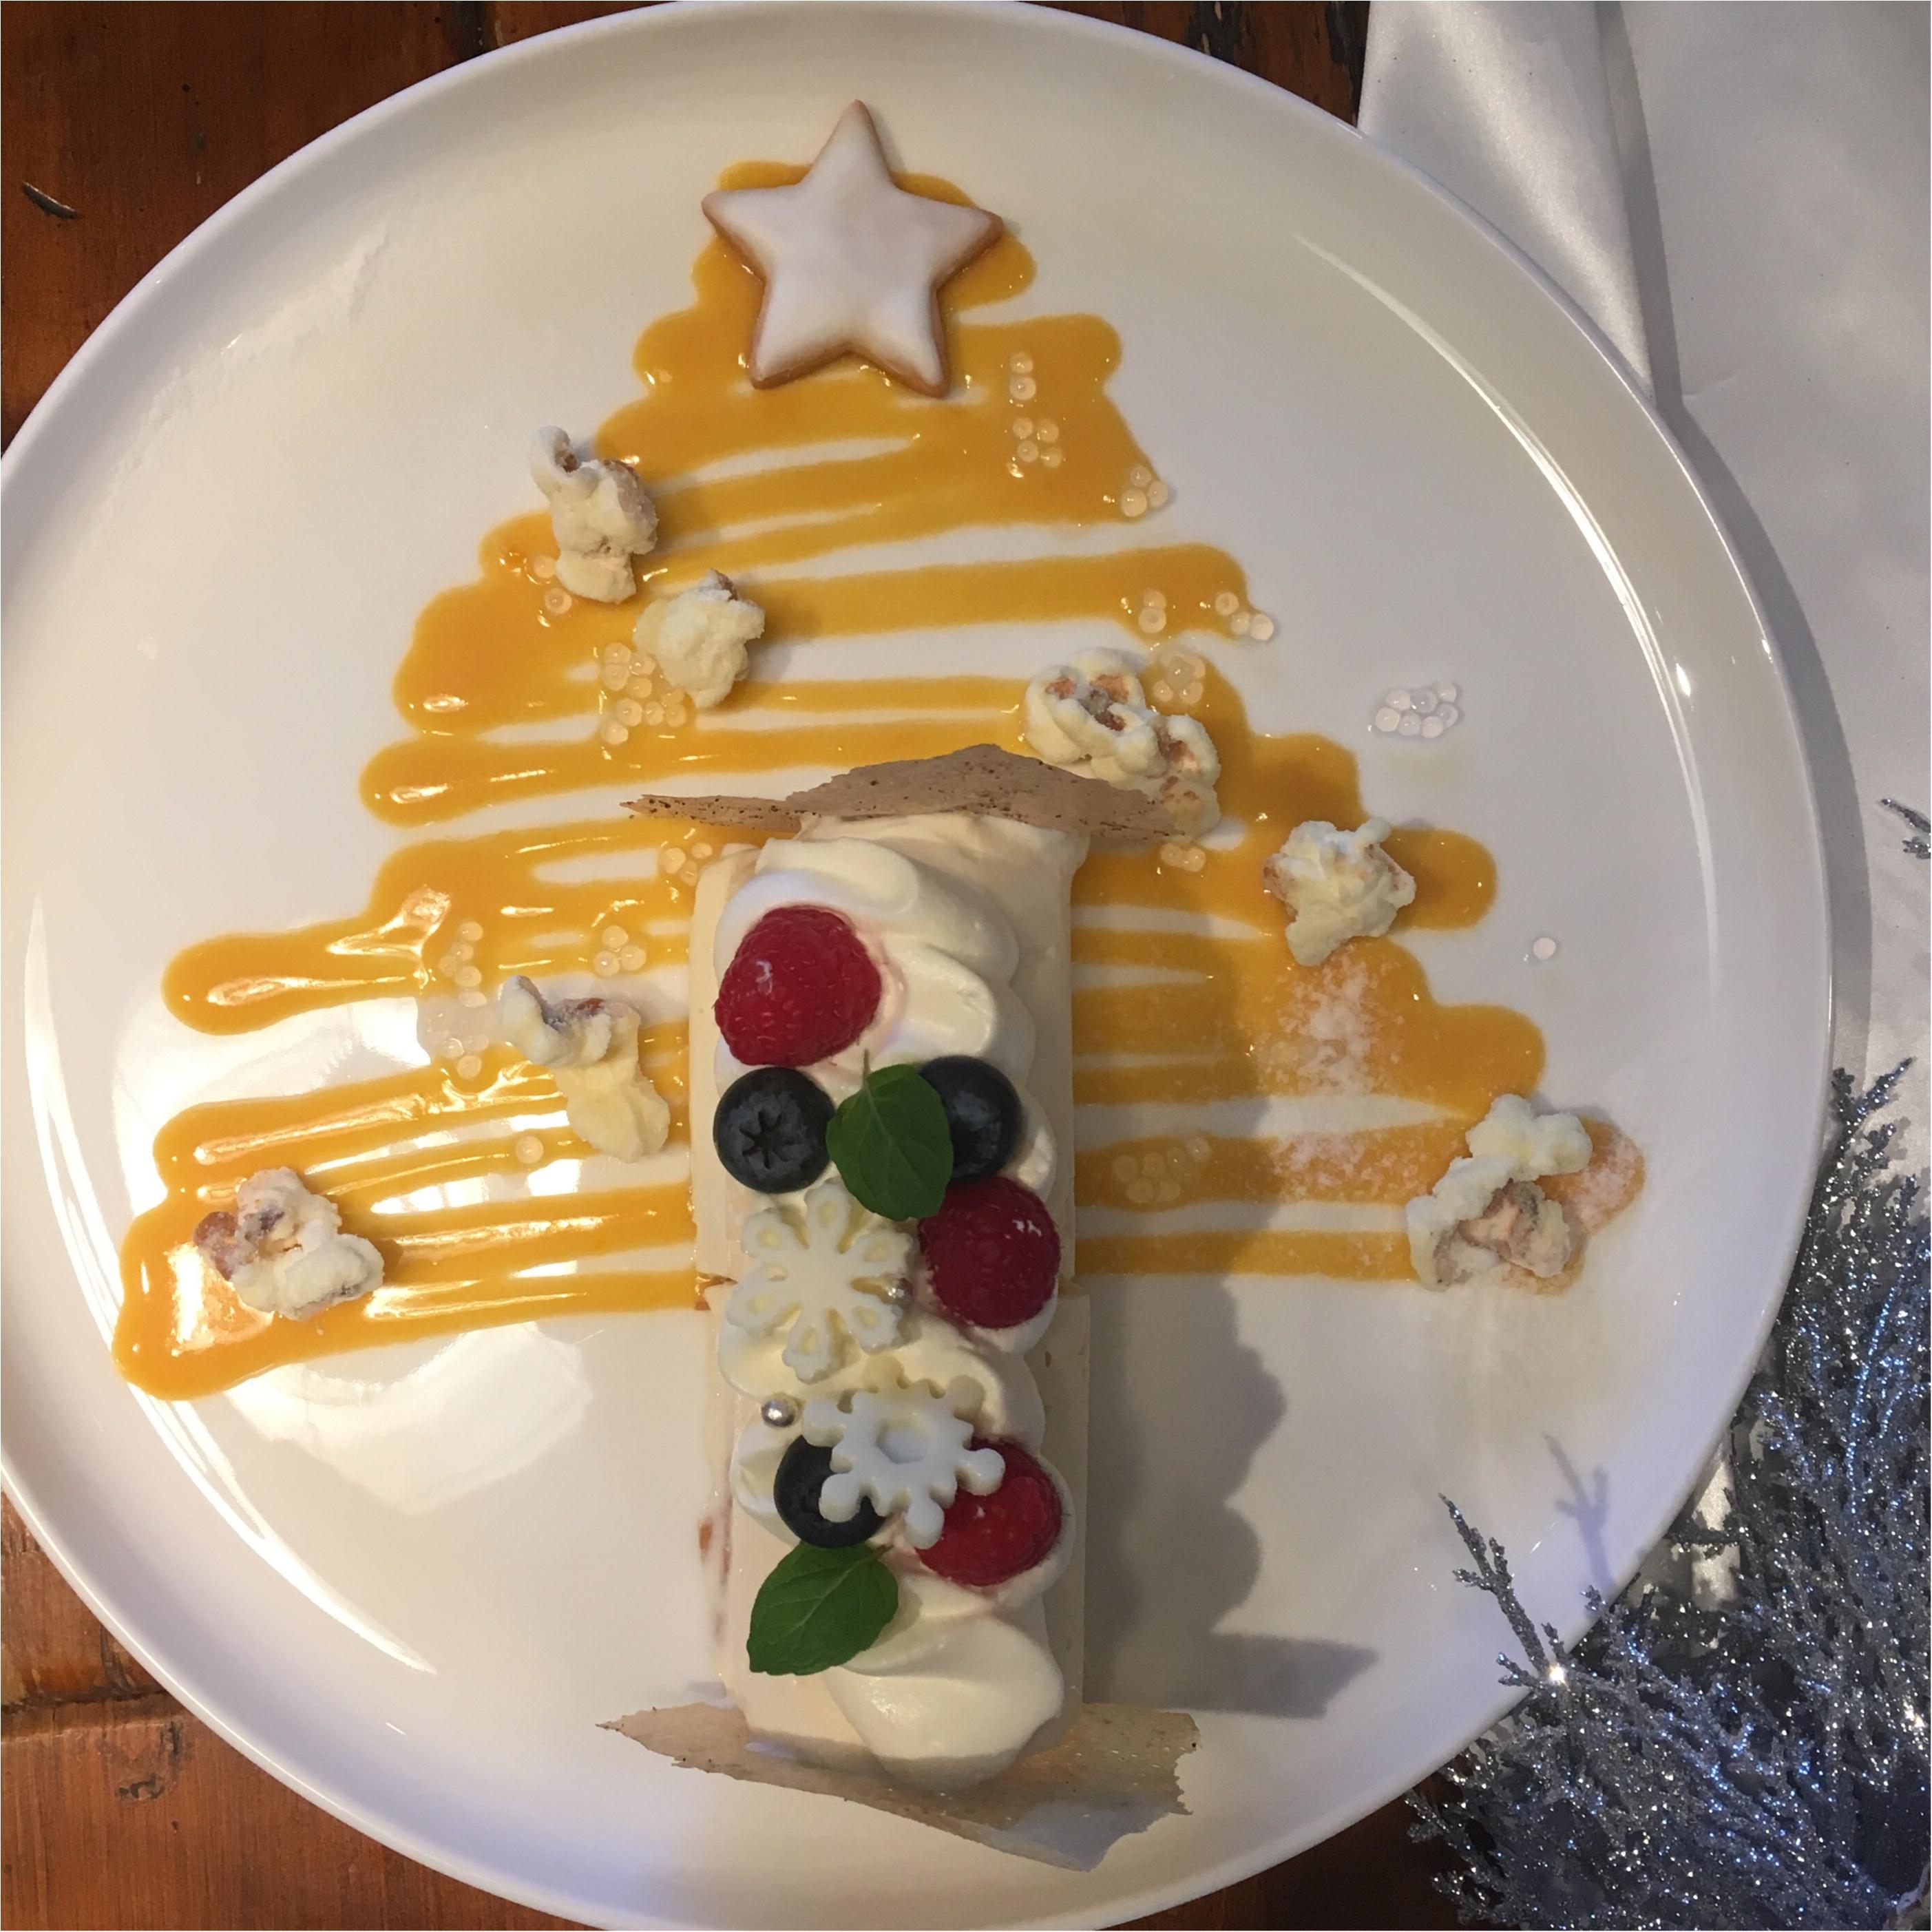 【レポ】12/5発売のあのアイスも先に食べれた『ハーゲンダッツクリスマスパーティー』は倍率250倍⁉︎_10